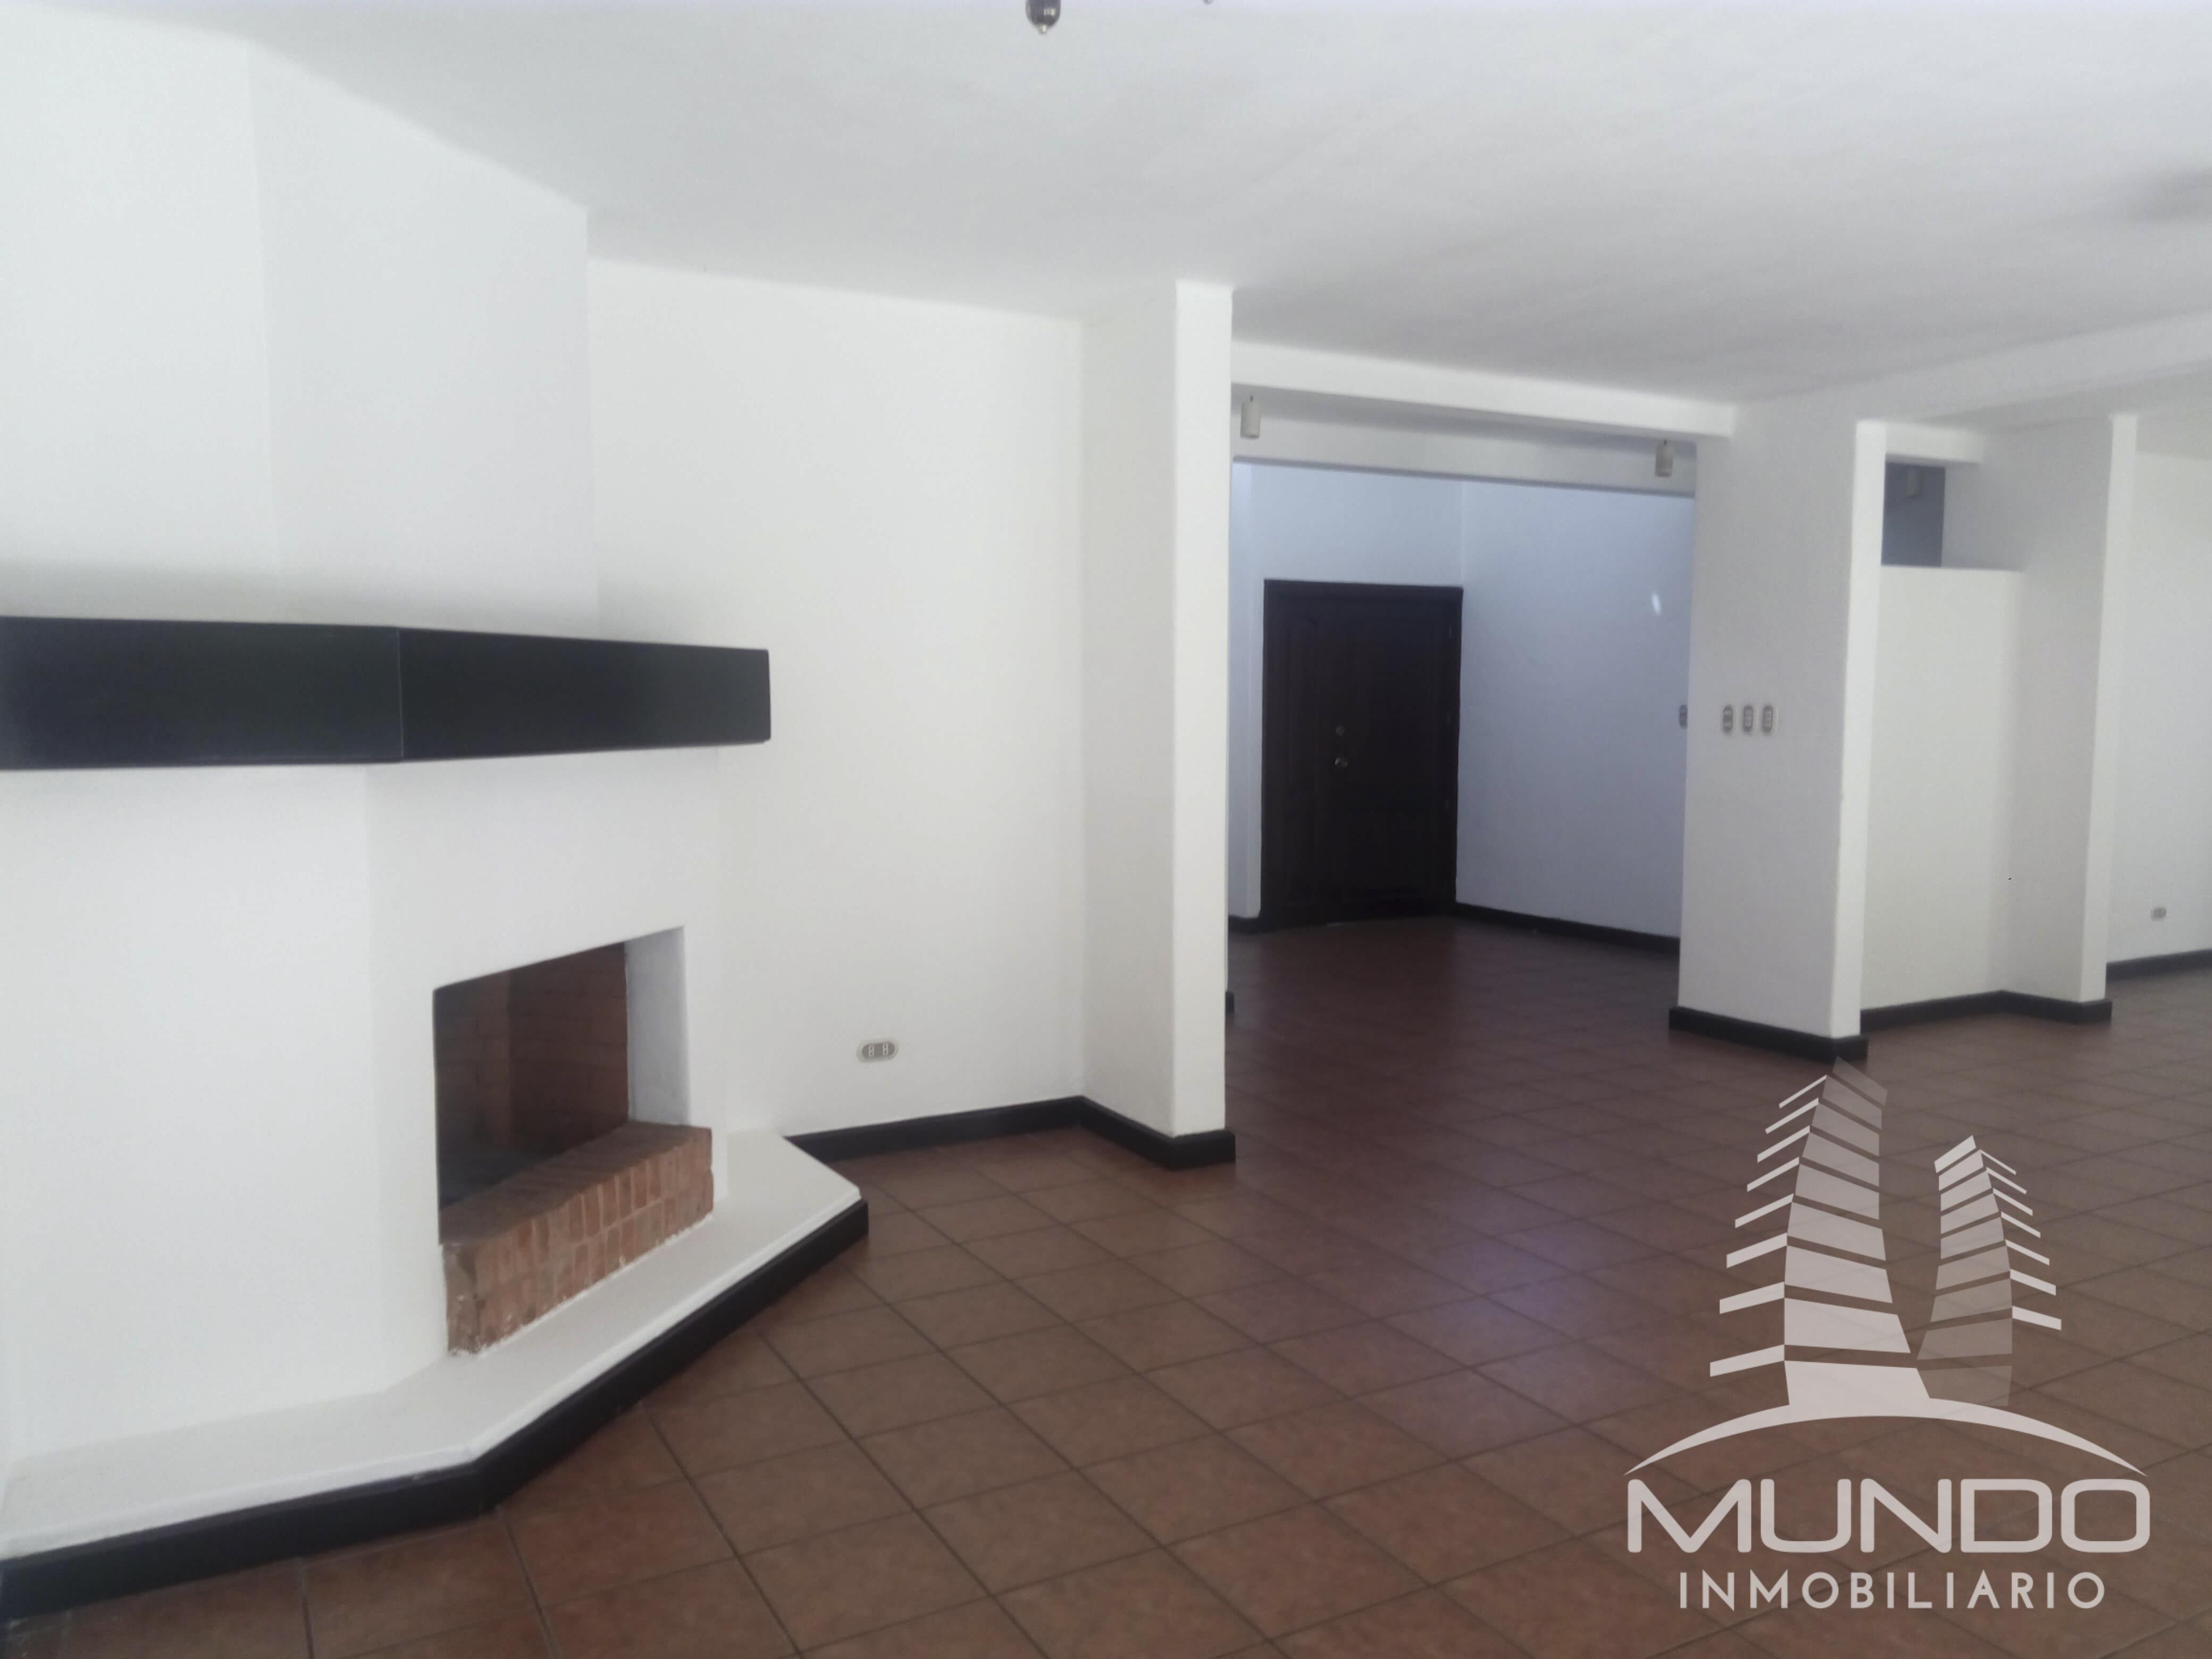 Renta de Casa en Carretera A El Salvador Km. 13.5 /Mundo Inmobiliario